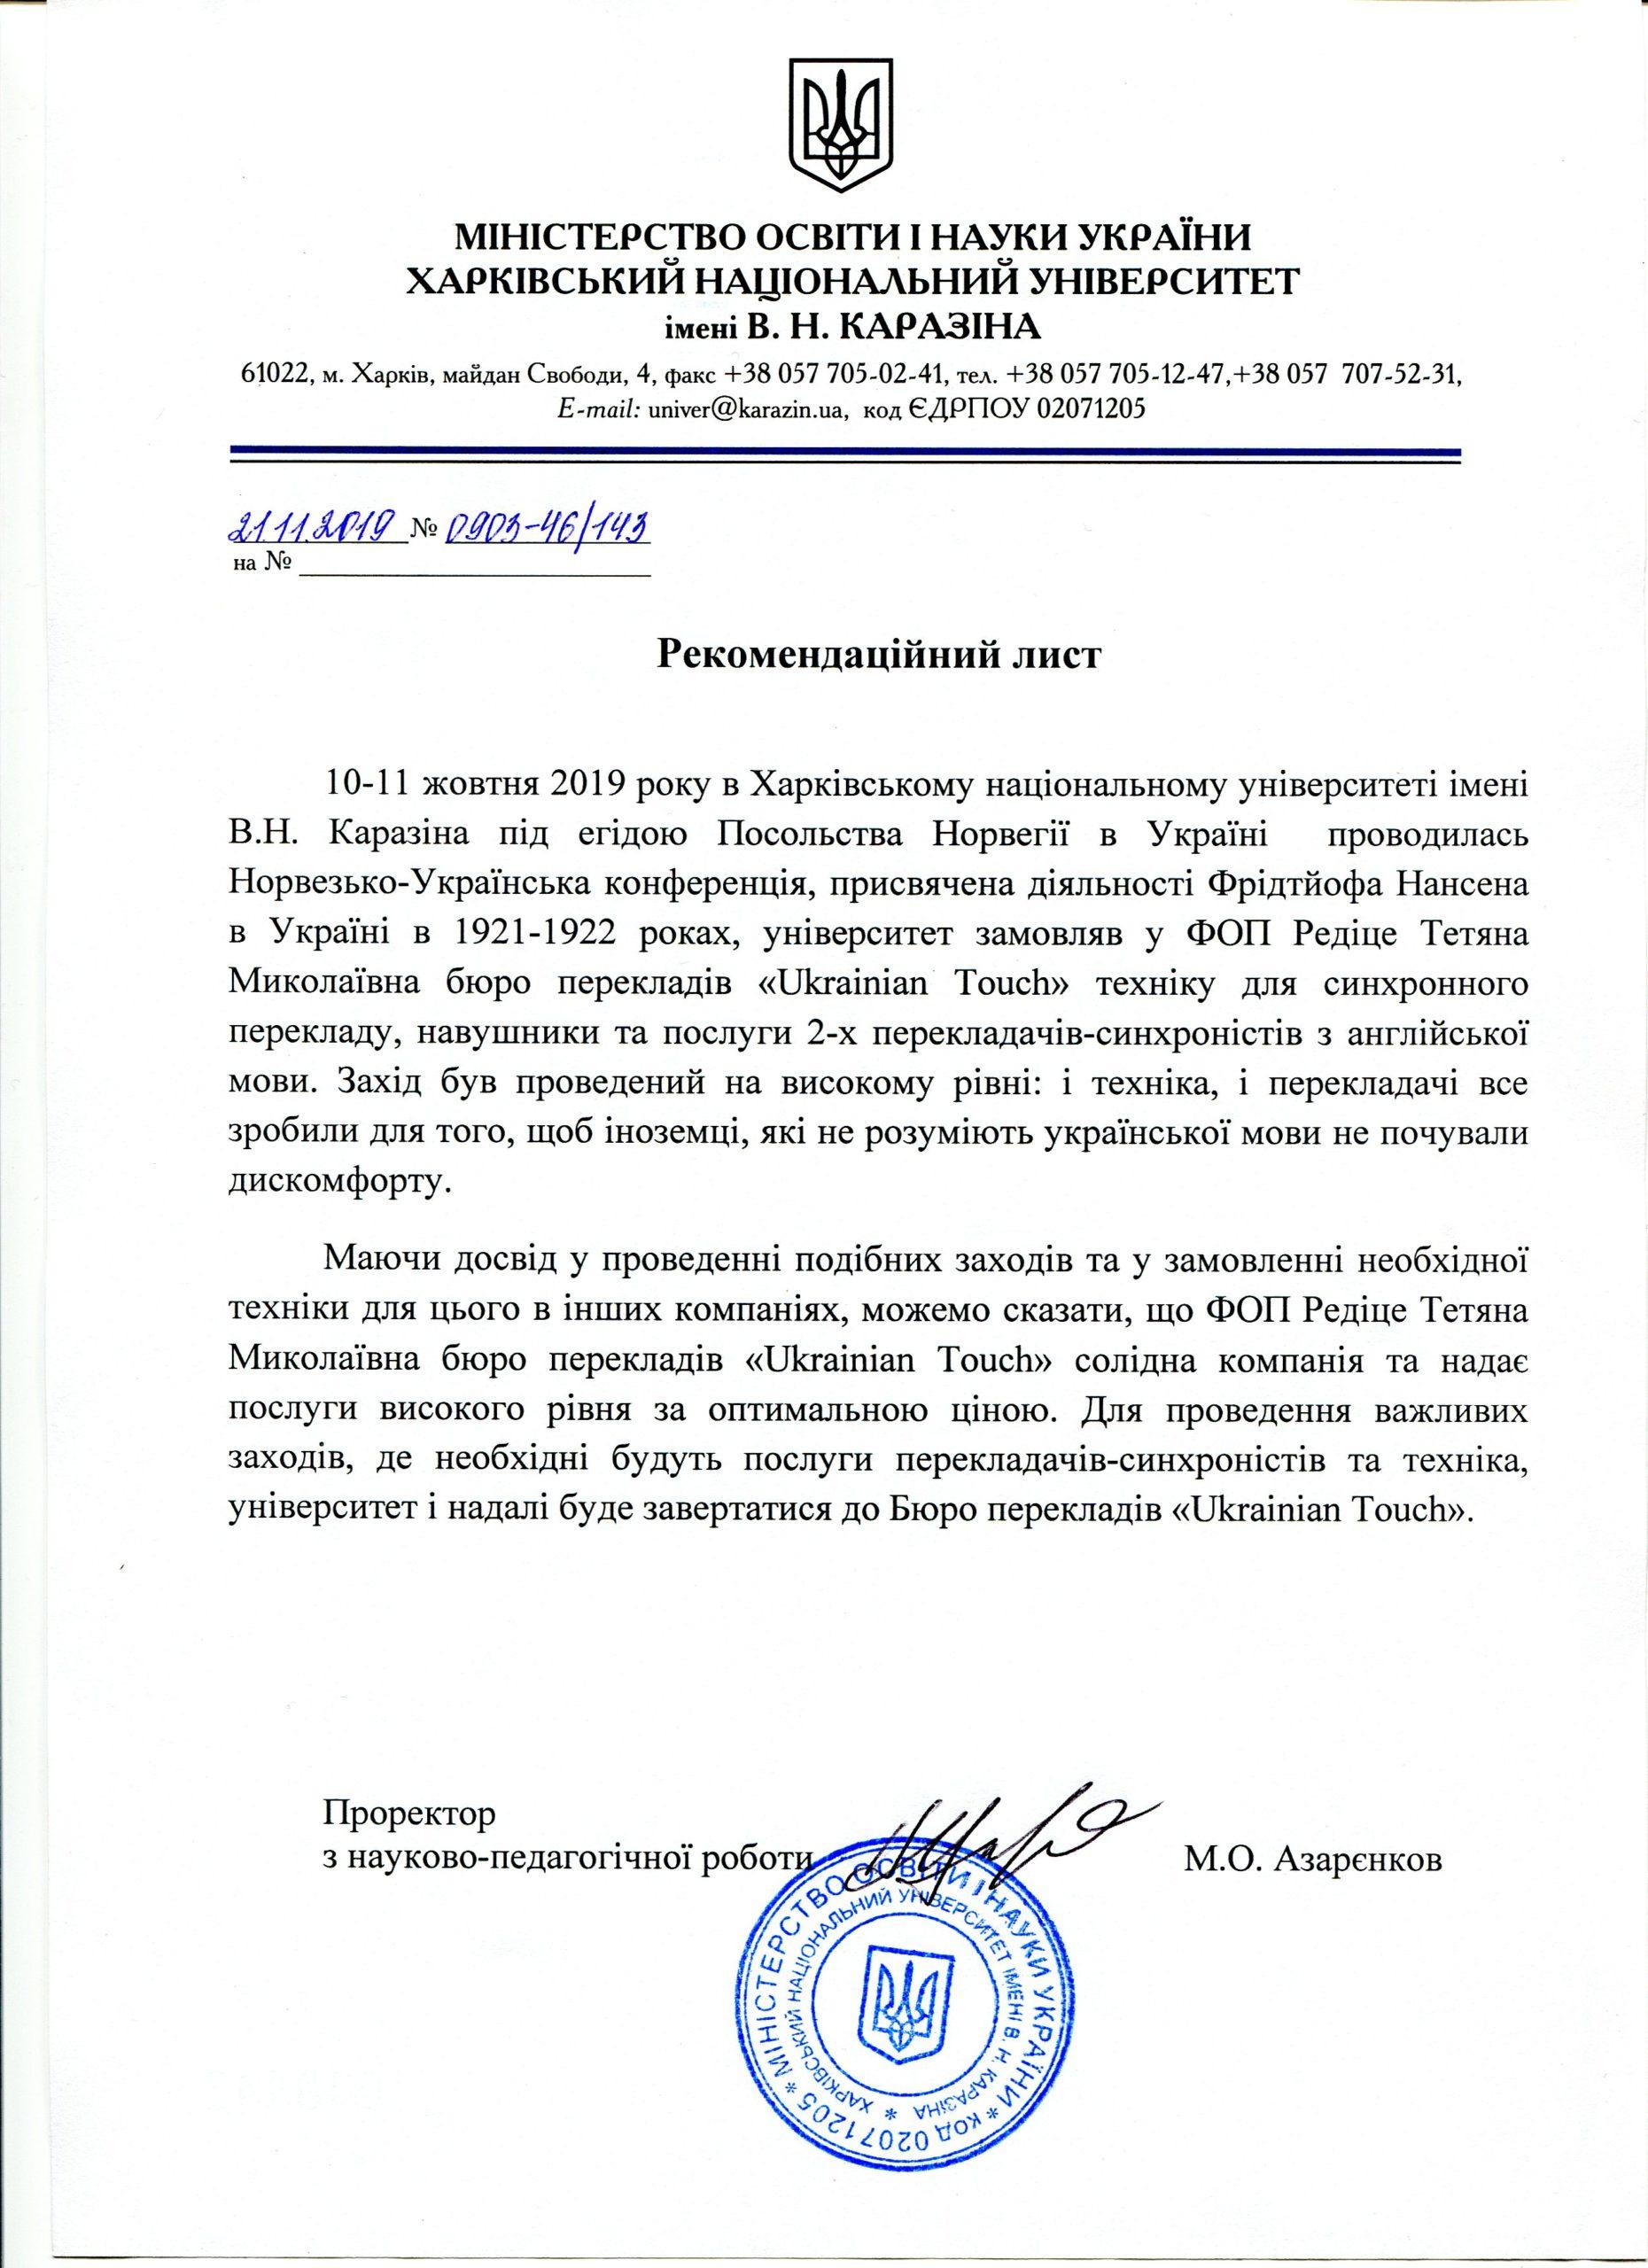 Рекомендаційний лист від Харківського національного університету імені В.Н.Каразіна